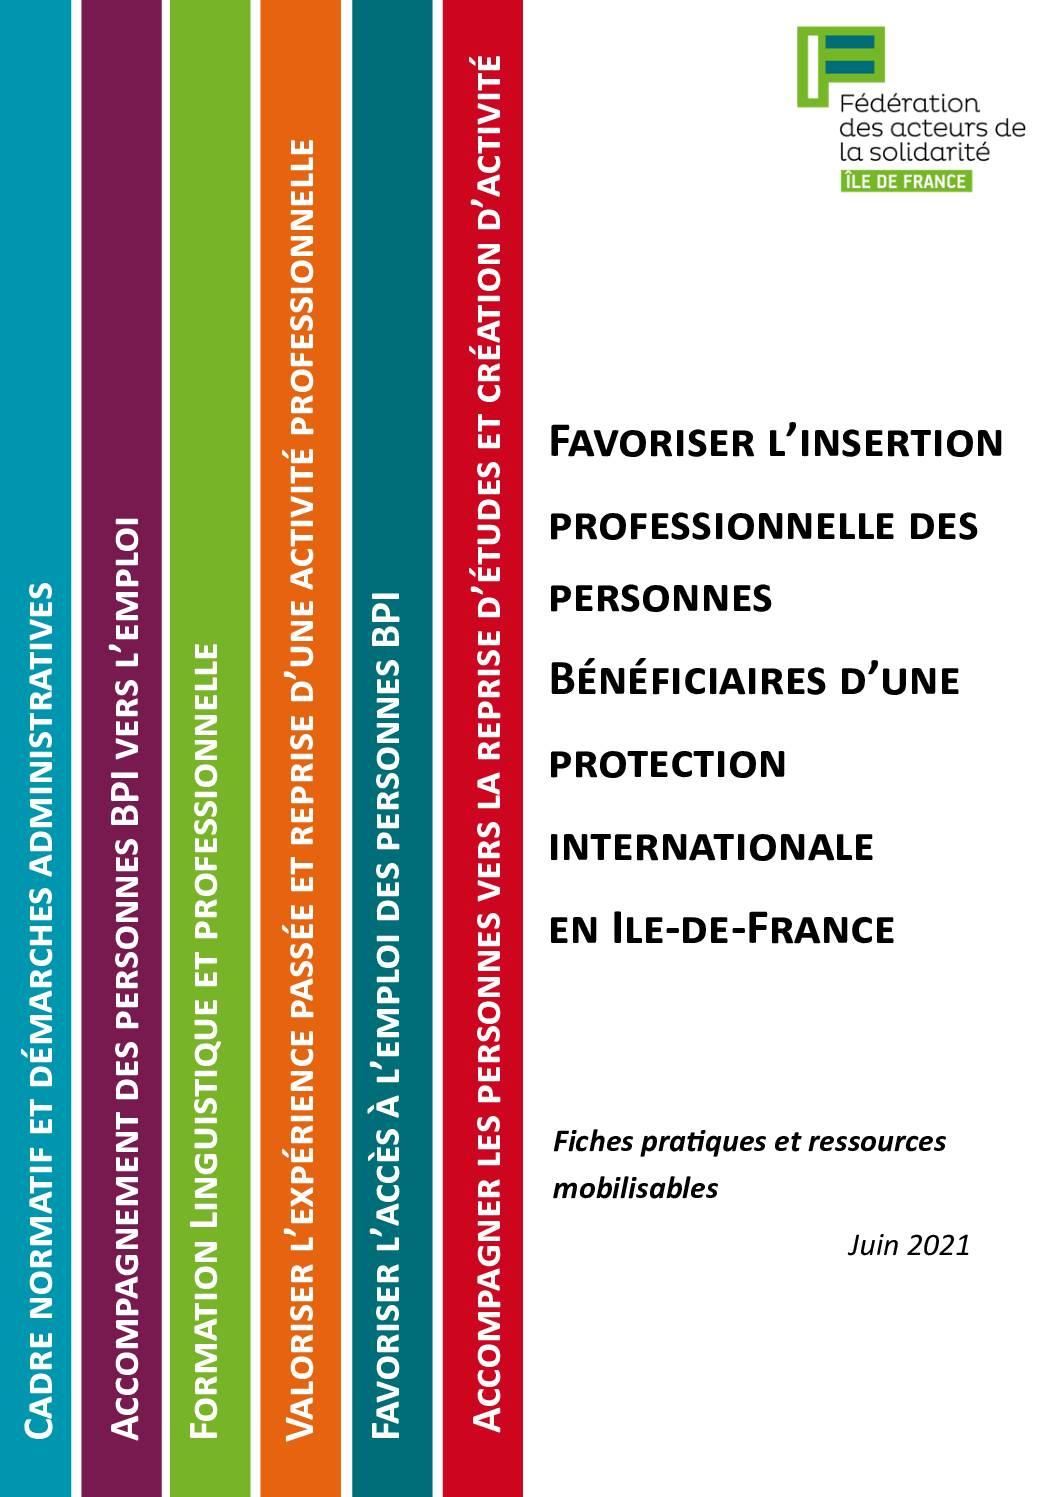 Accès à l'emploi et à la formation des personnes BPI en Ile-de-France - fiches pratiques et ressources mobilisables